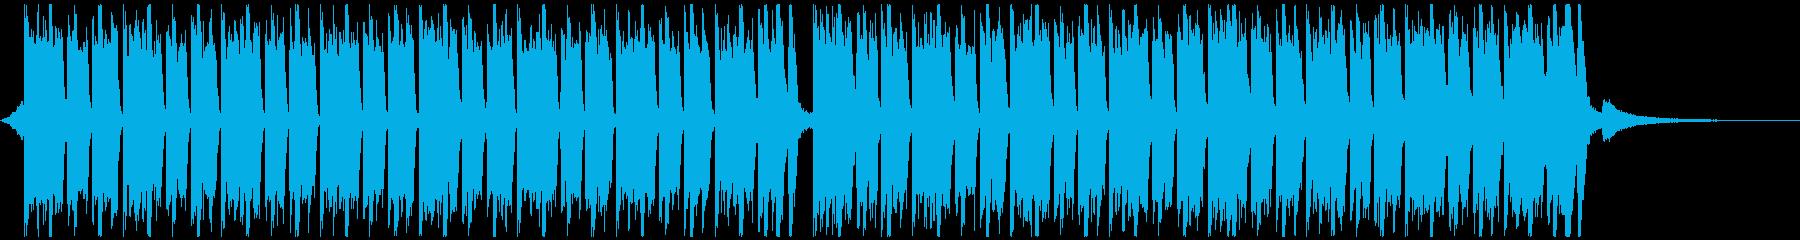 スポーツ音楽(40秒)の再生済みの波形